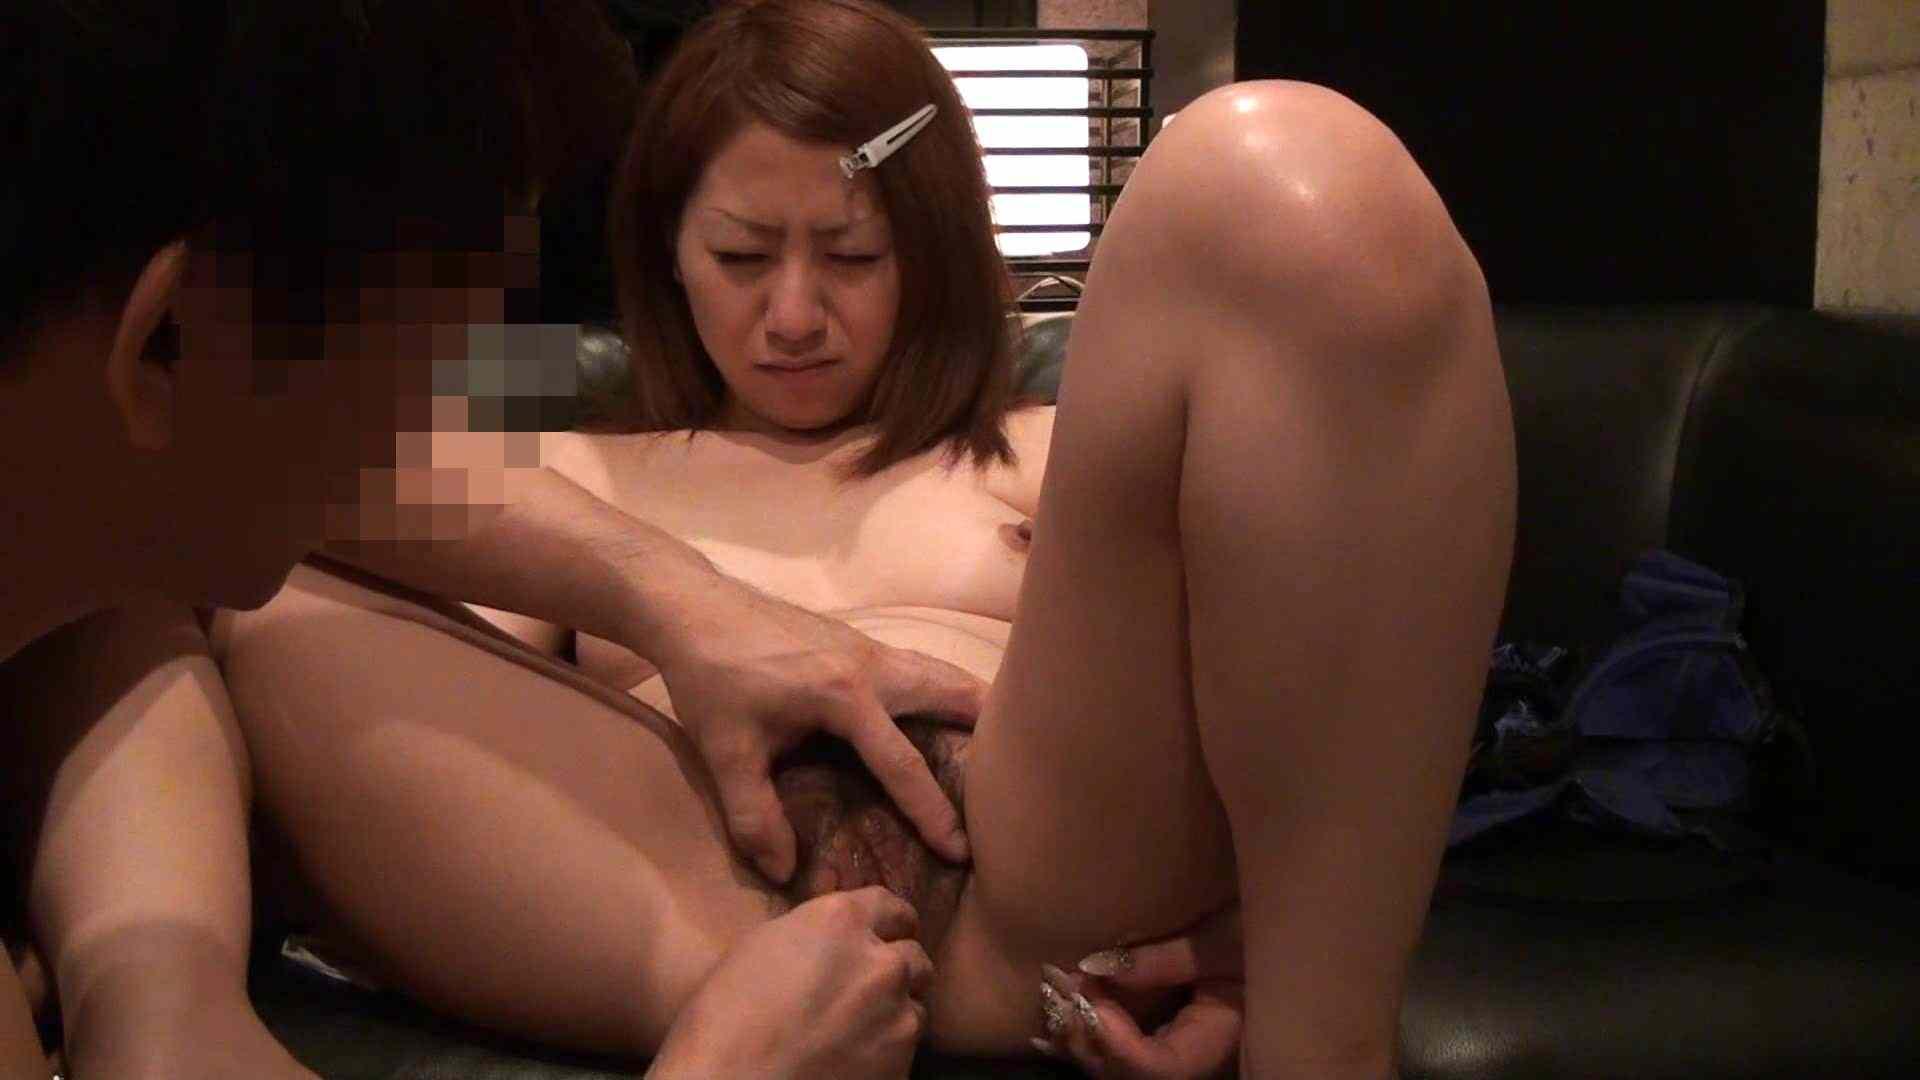 エロギャル!SEXパリピ! Vol.12 ギャルのエロ動画 セックス画像 100画像 45